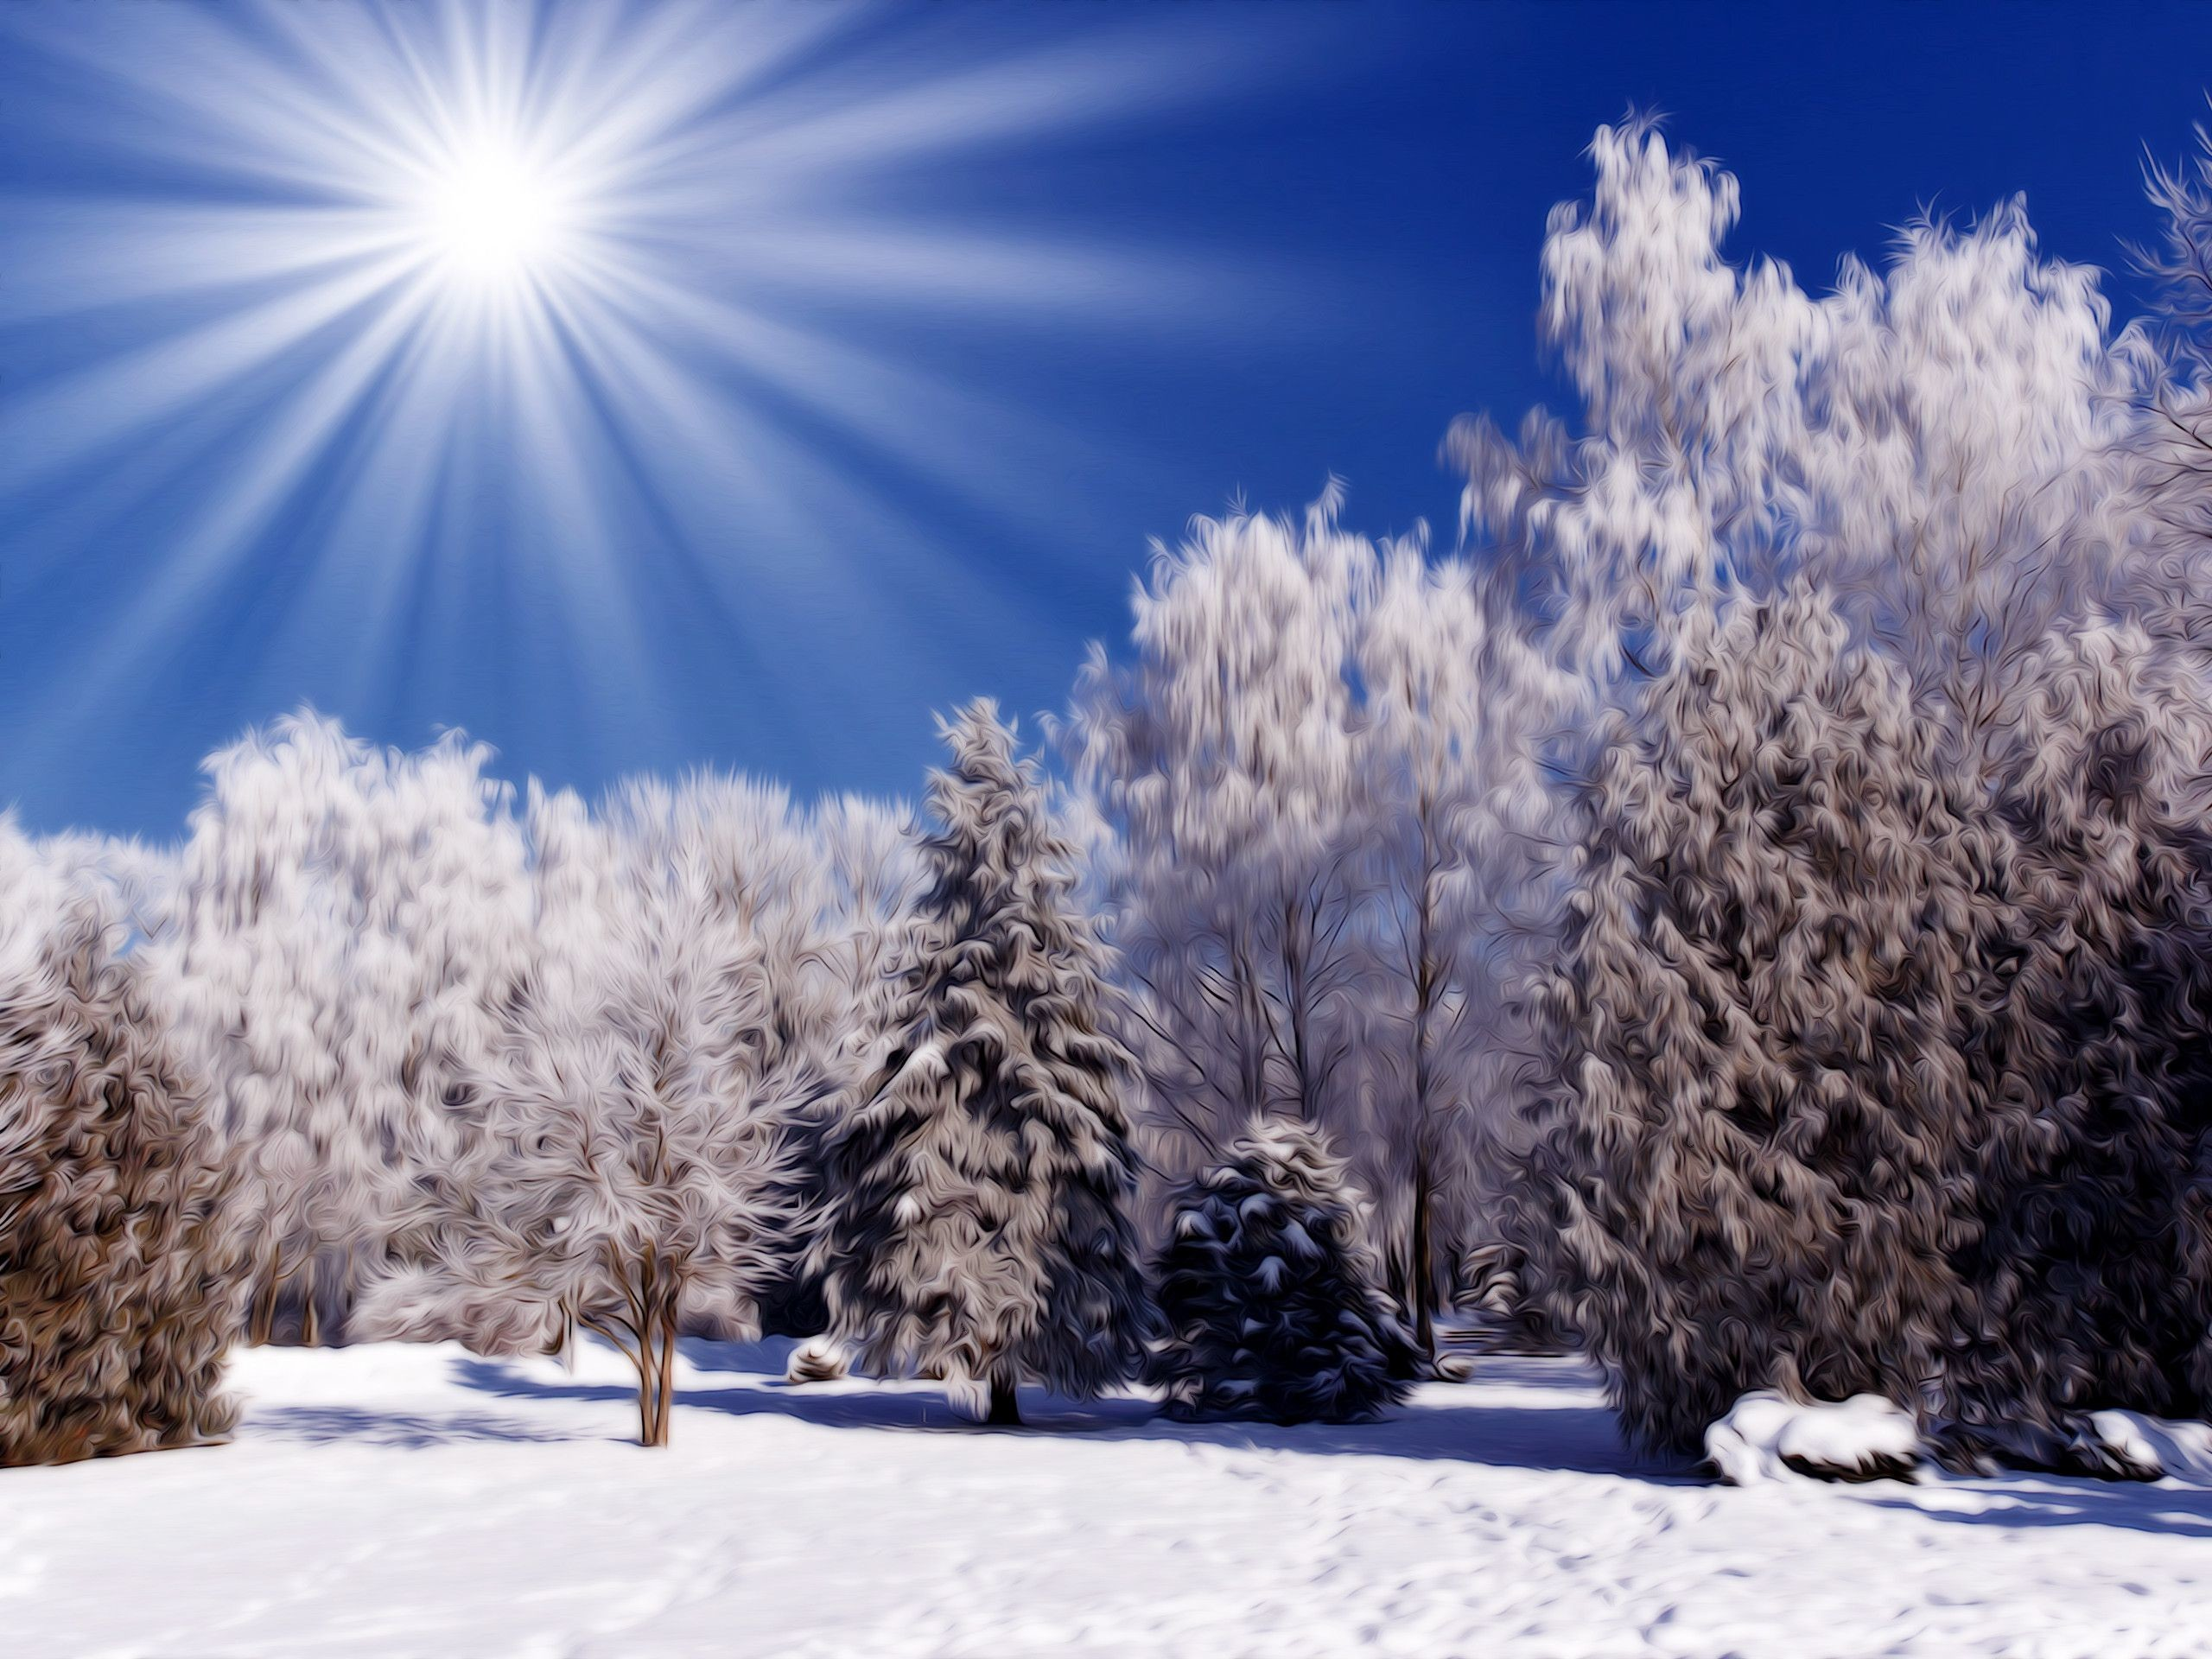 Free Desktop Wallpapers Winter Scenes – Wallpaper Cave